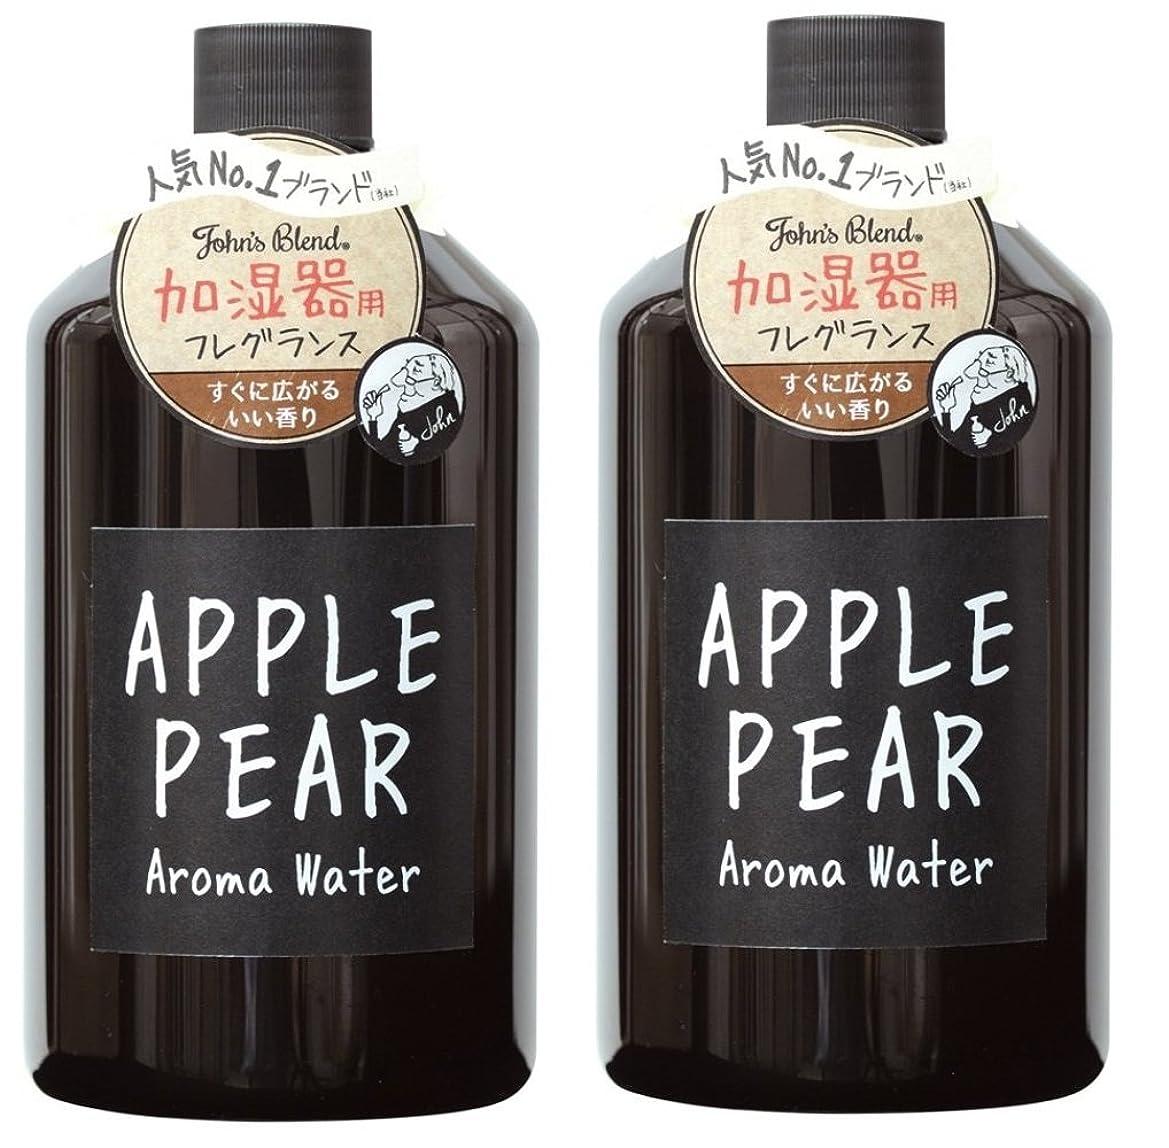 抗議進行中同じ【2個セット】Johns Blend アロマウォーター 加湿器 用 480ml アップルペアー の香り OA-JON-7-4